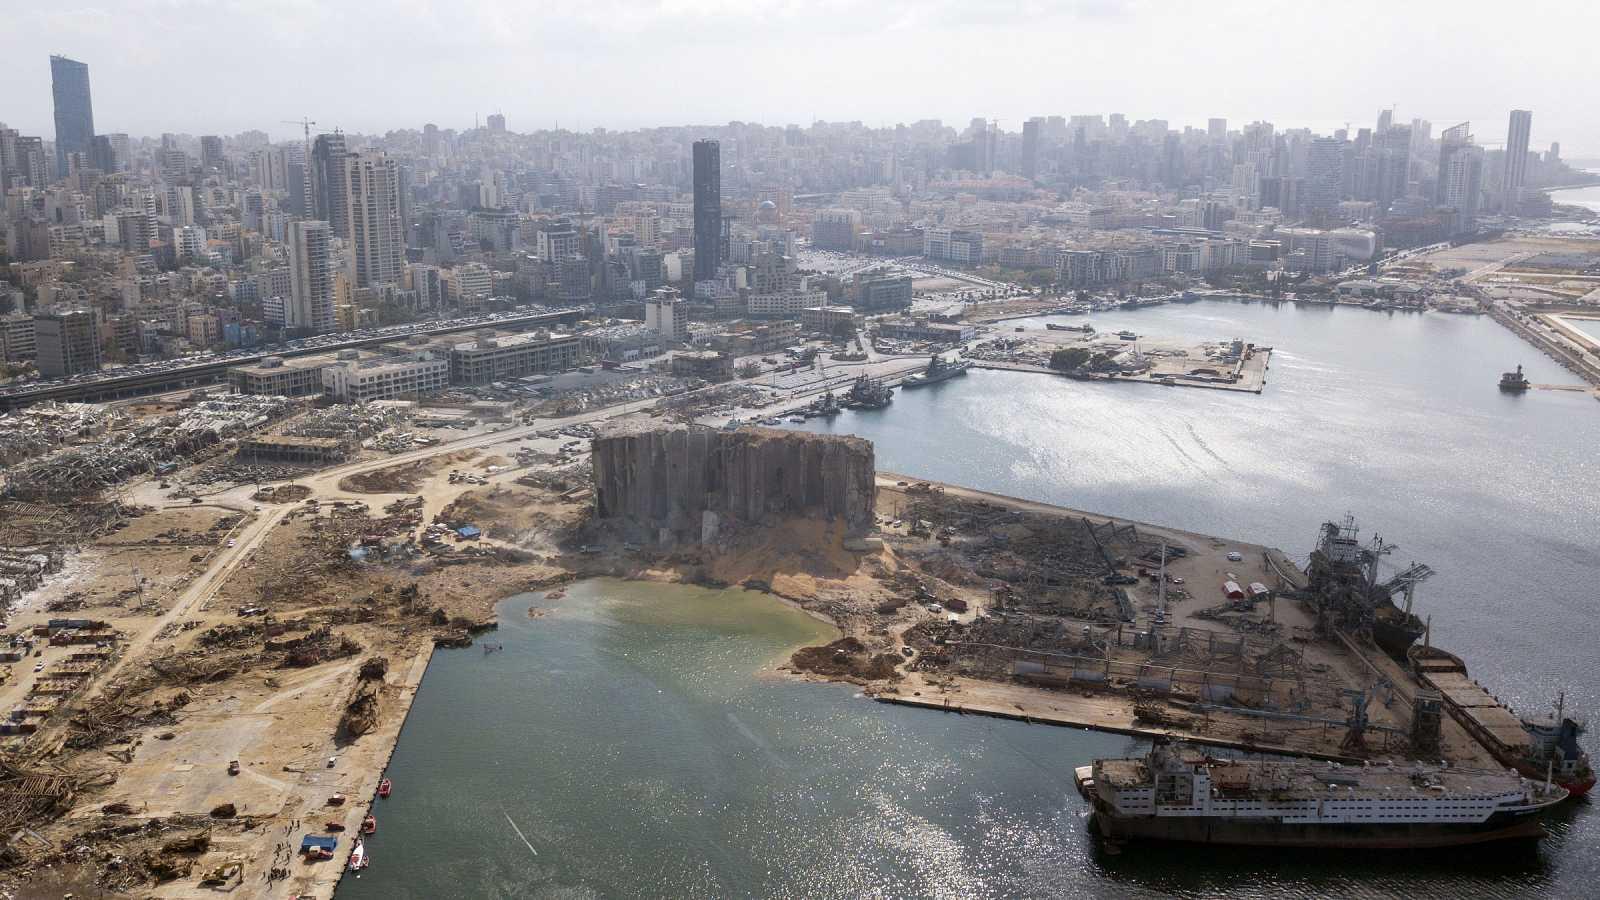 El presidente de Líbano supo de la existencia del nitrato en el puerto dos semanas antes de la explosión